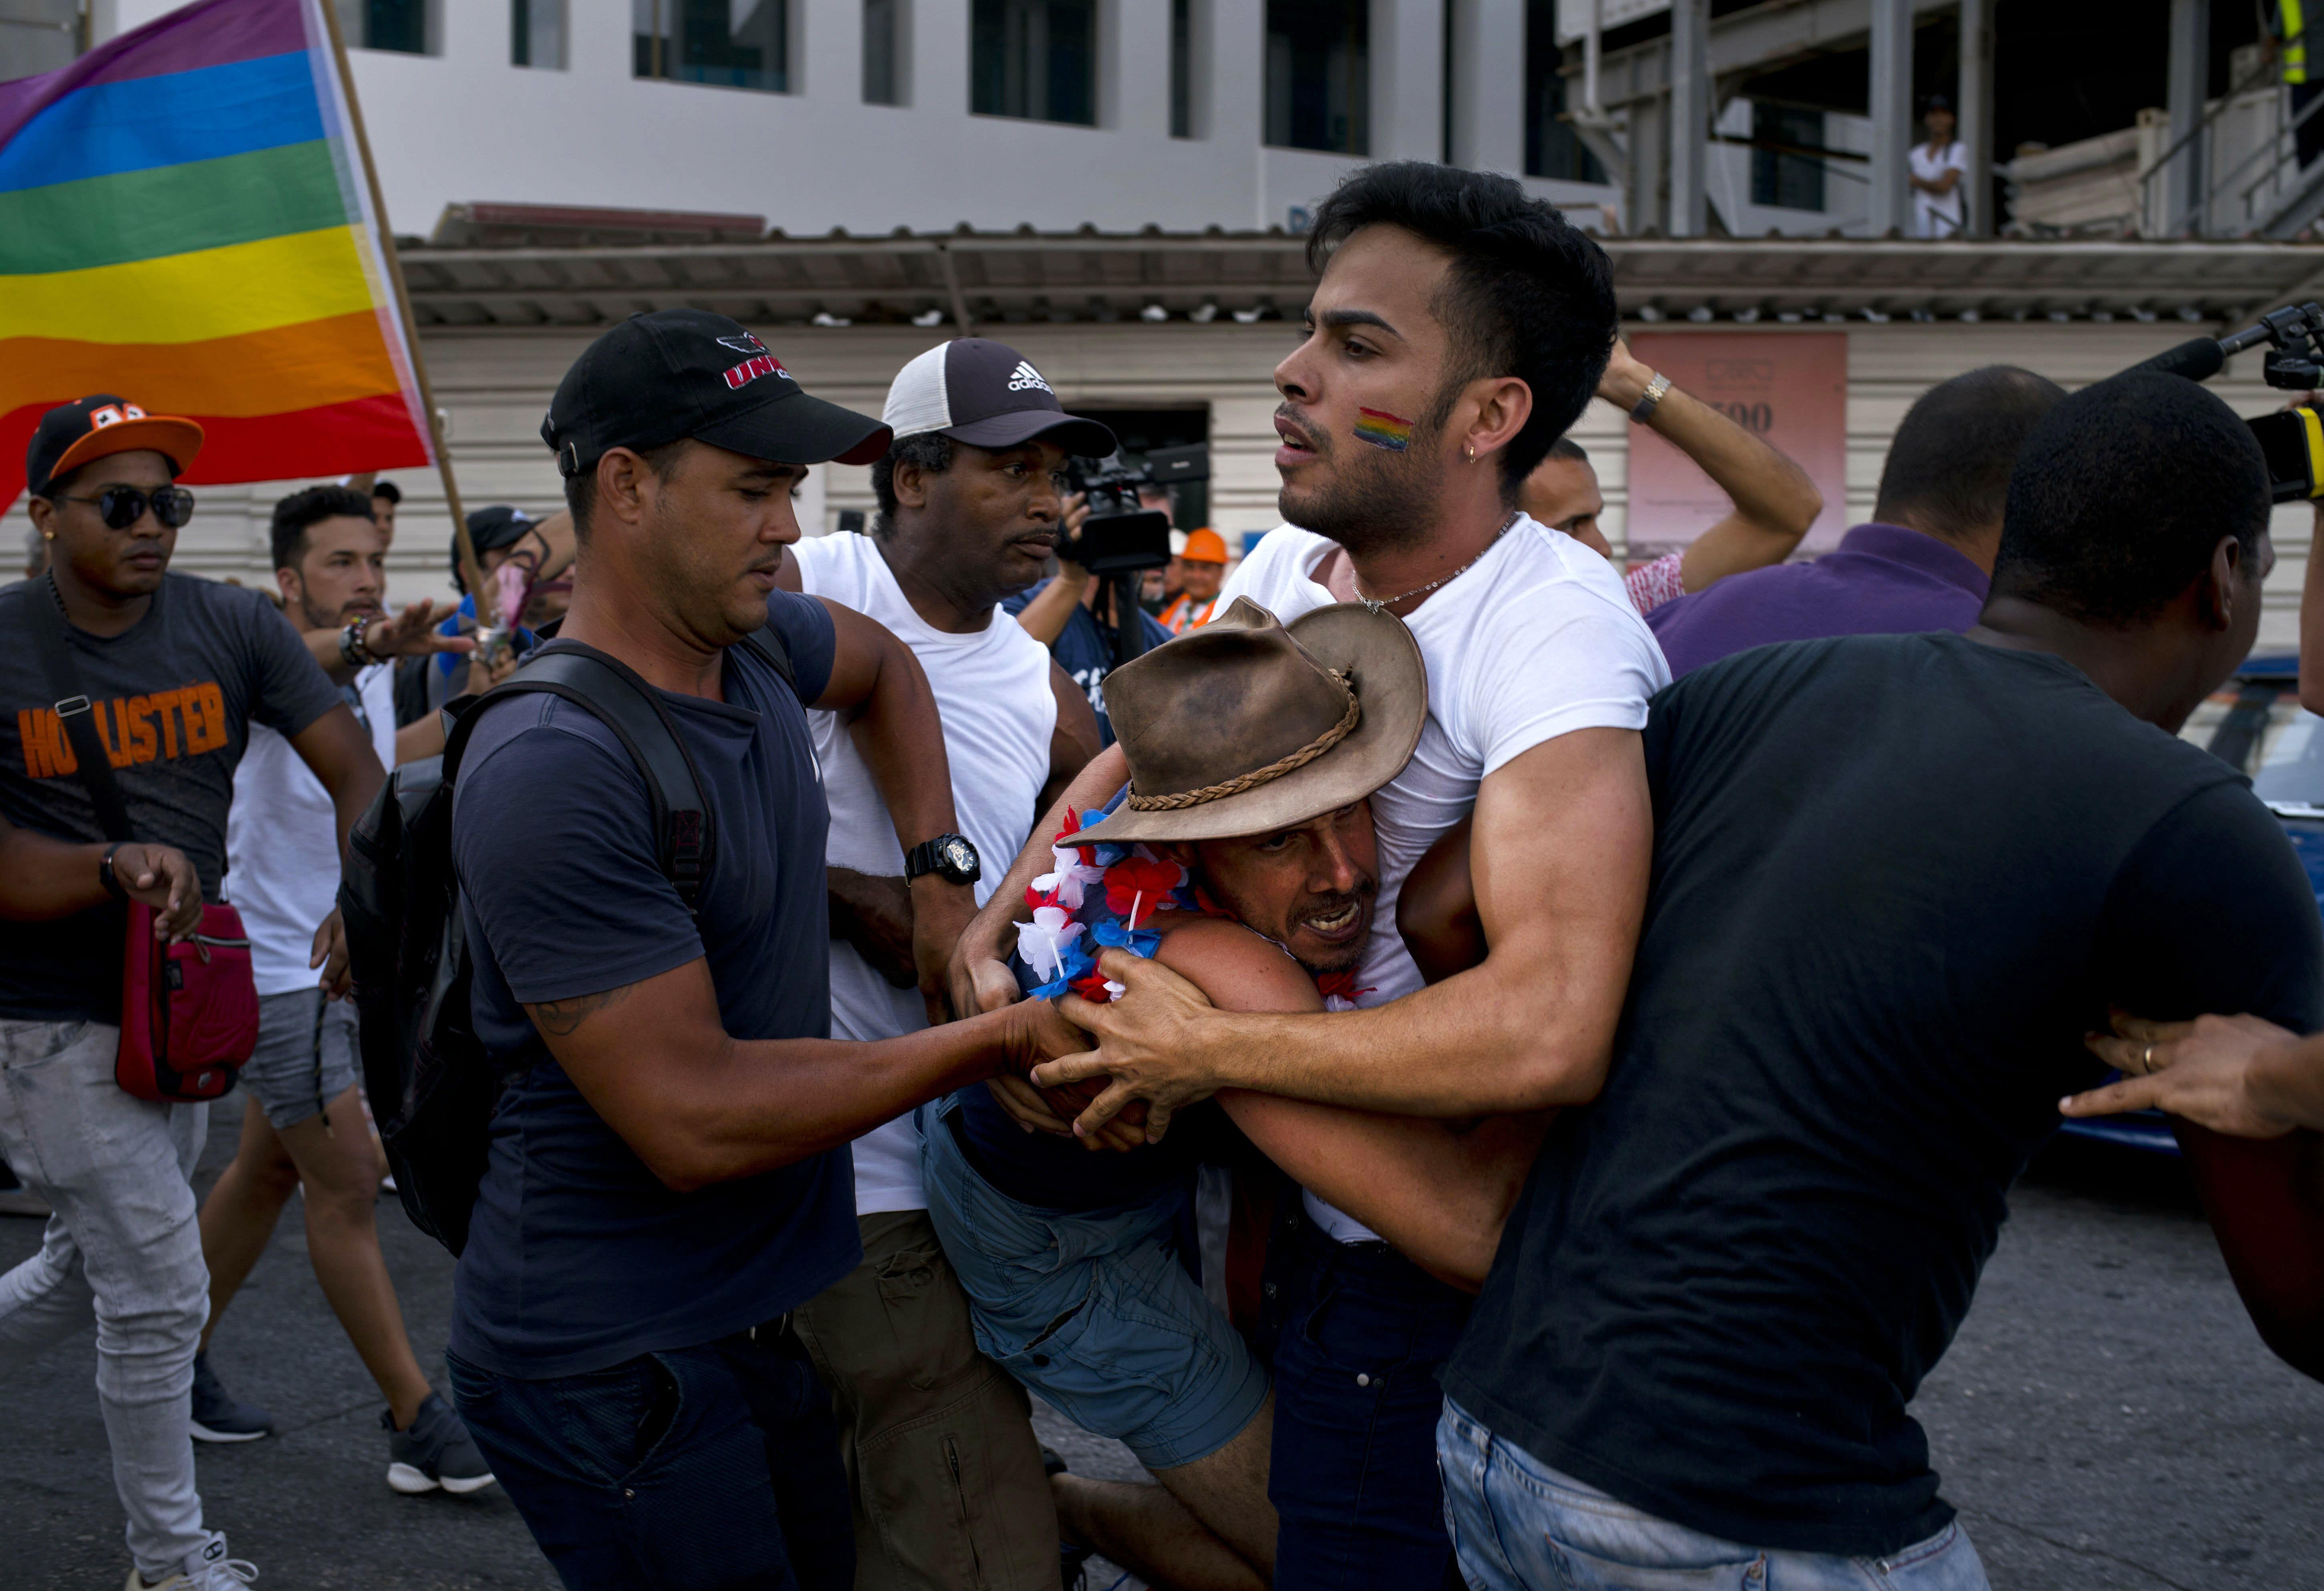 Cuba Gay Travel